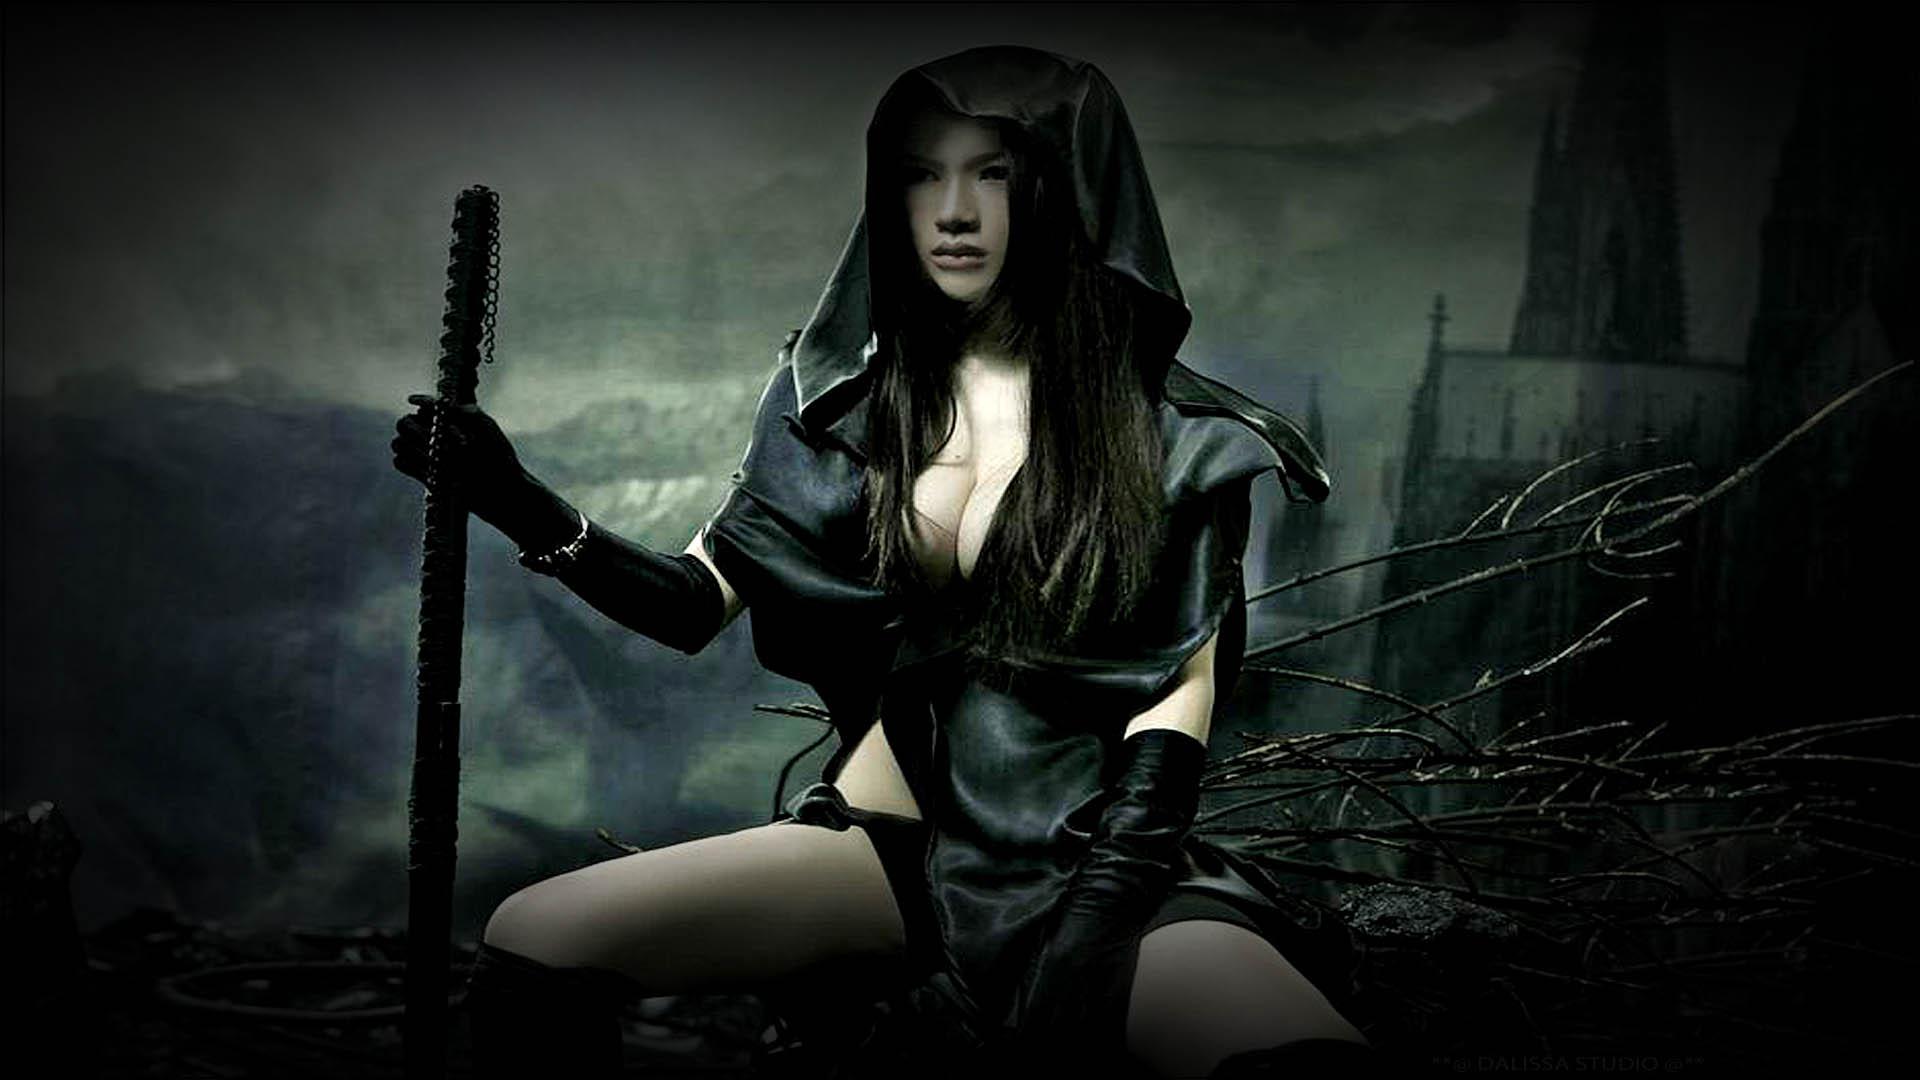 Gothic warrior women hentai galleries